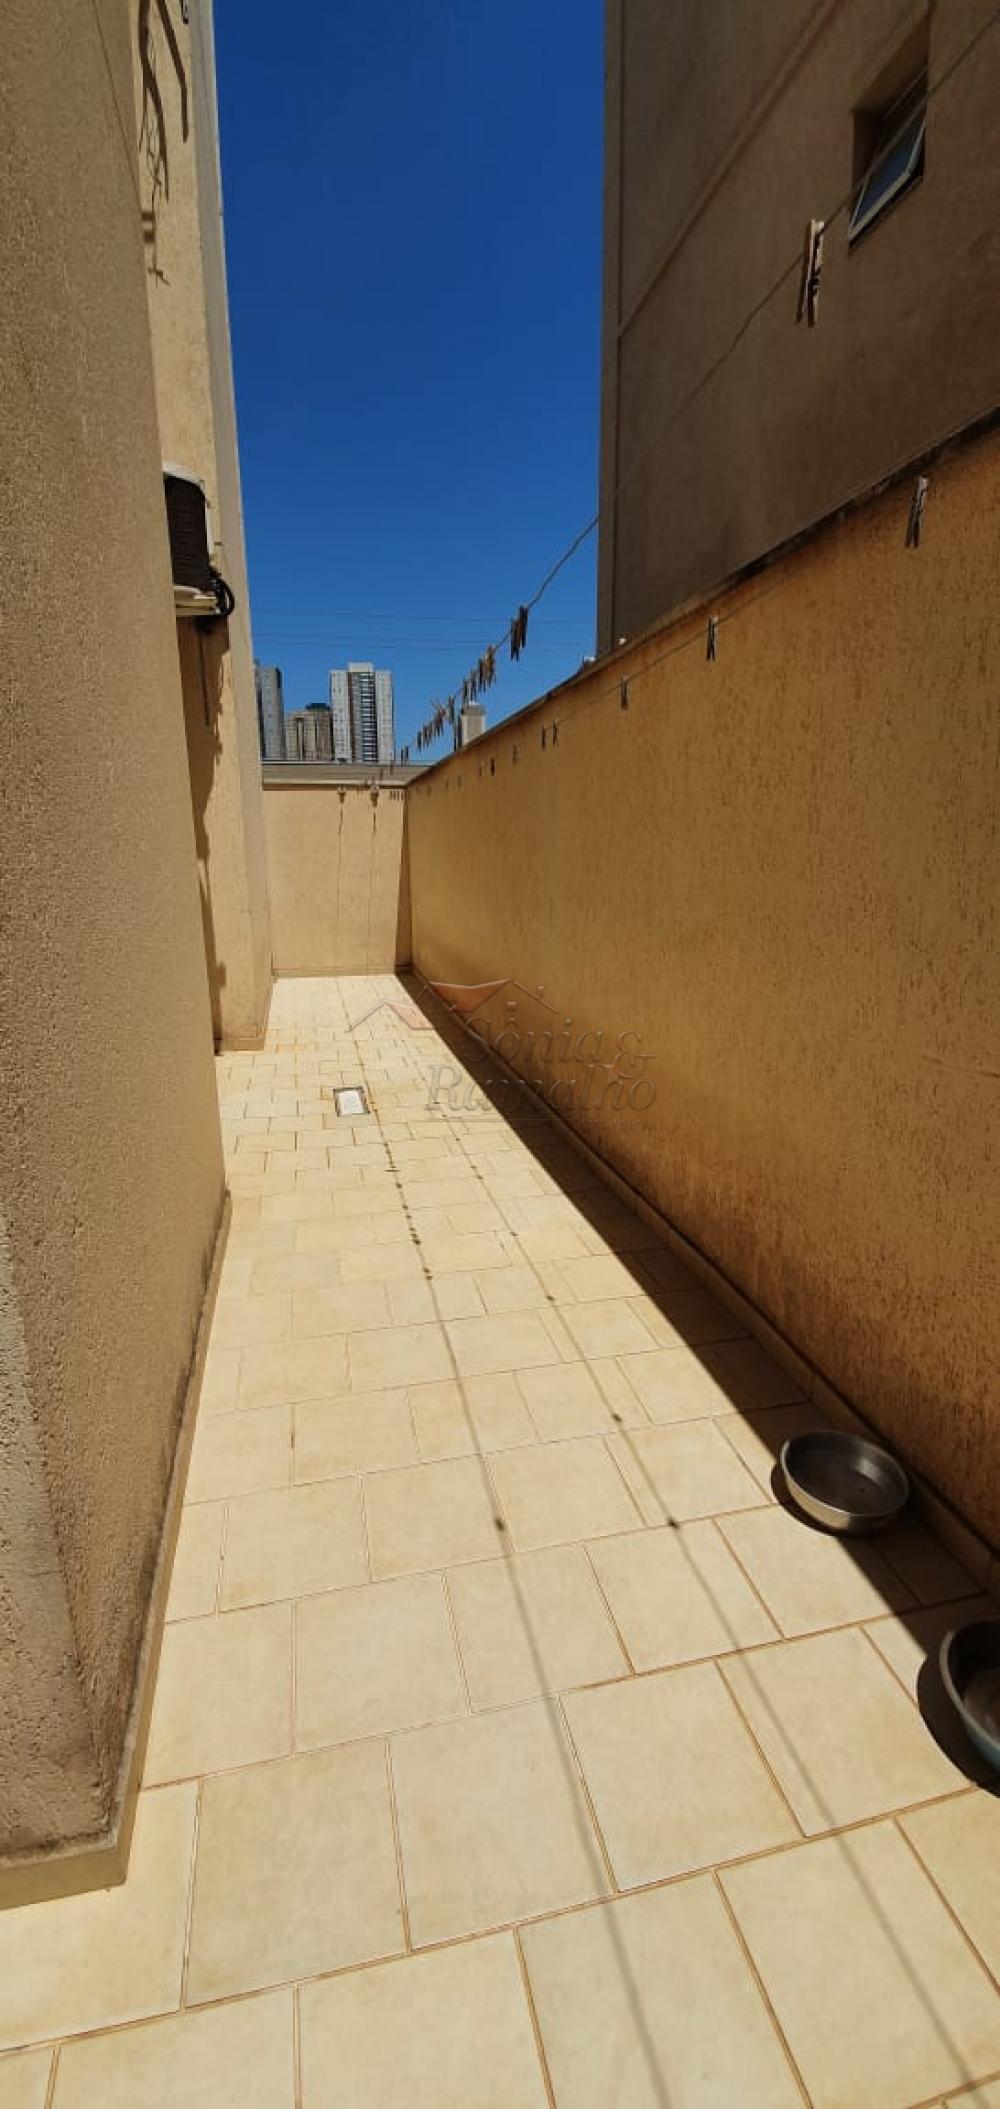 Alugar Apartamentos / Padrão em Ribeirão Preto apenas R$ 777,77 - Foto 16